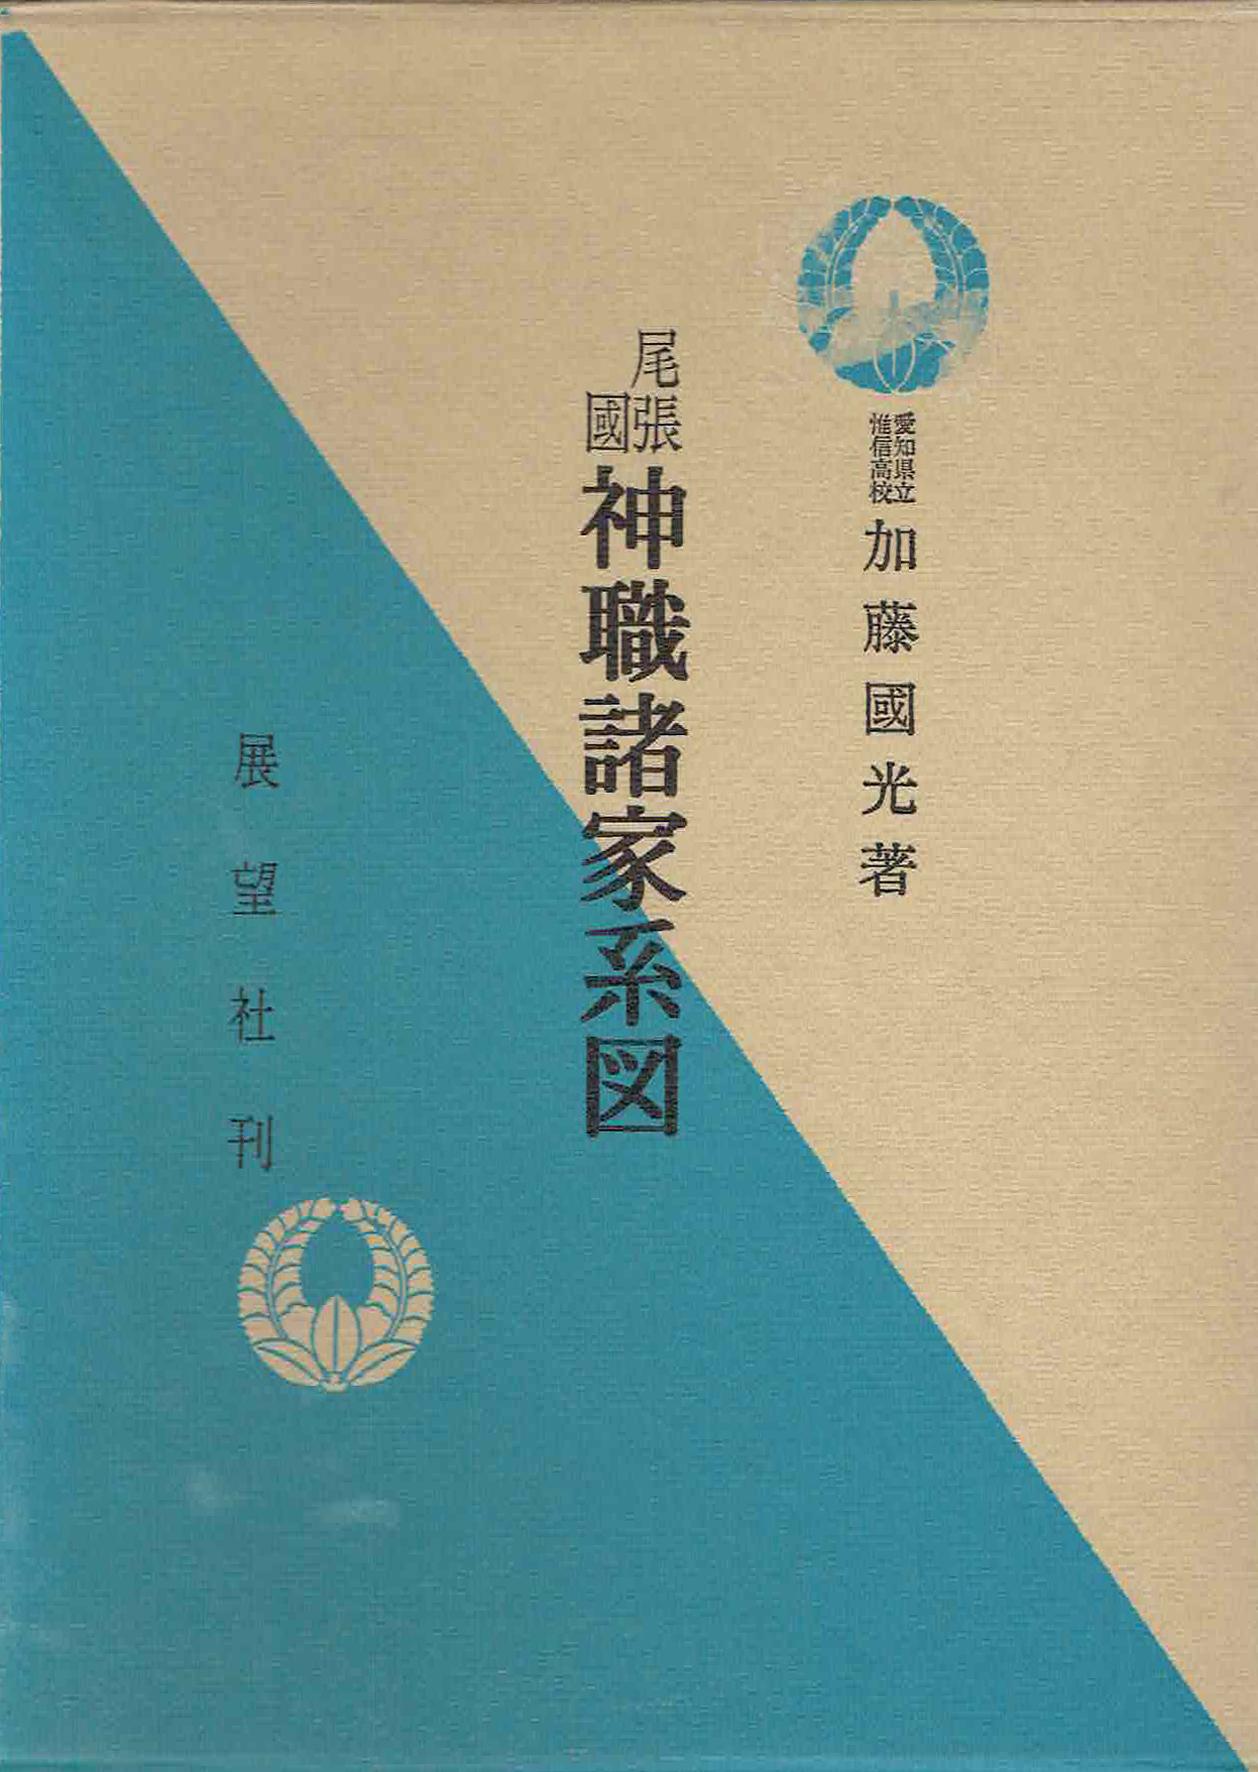 神社・神道の古書買取なら黒崎書店